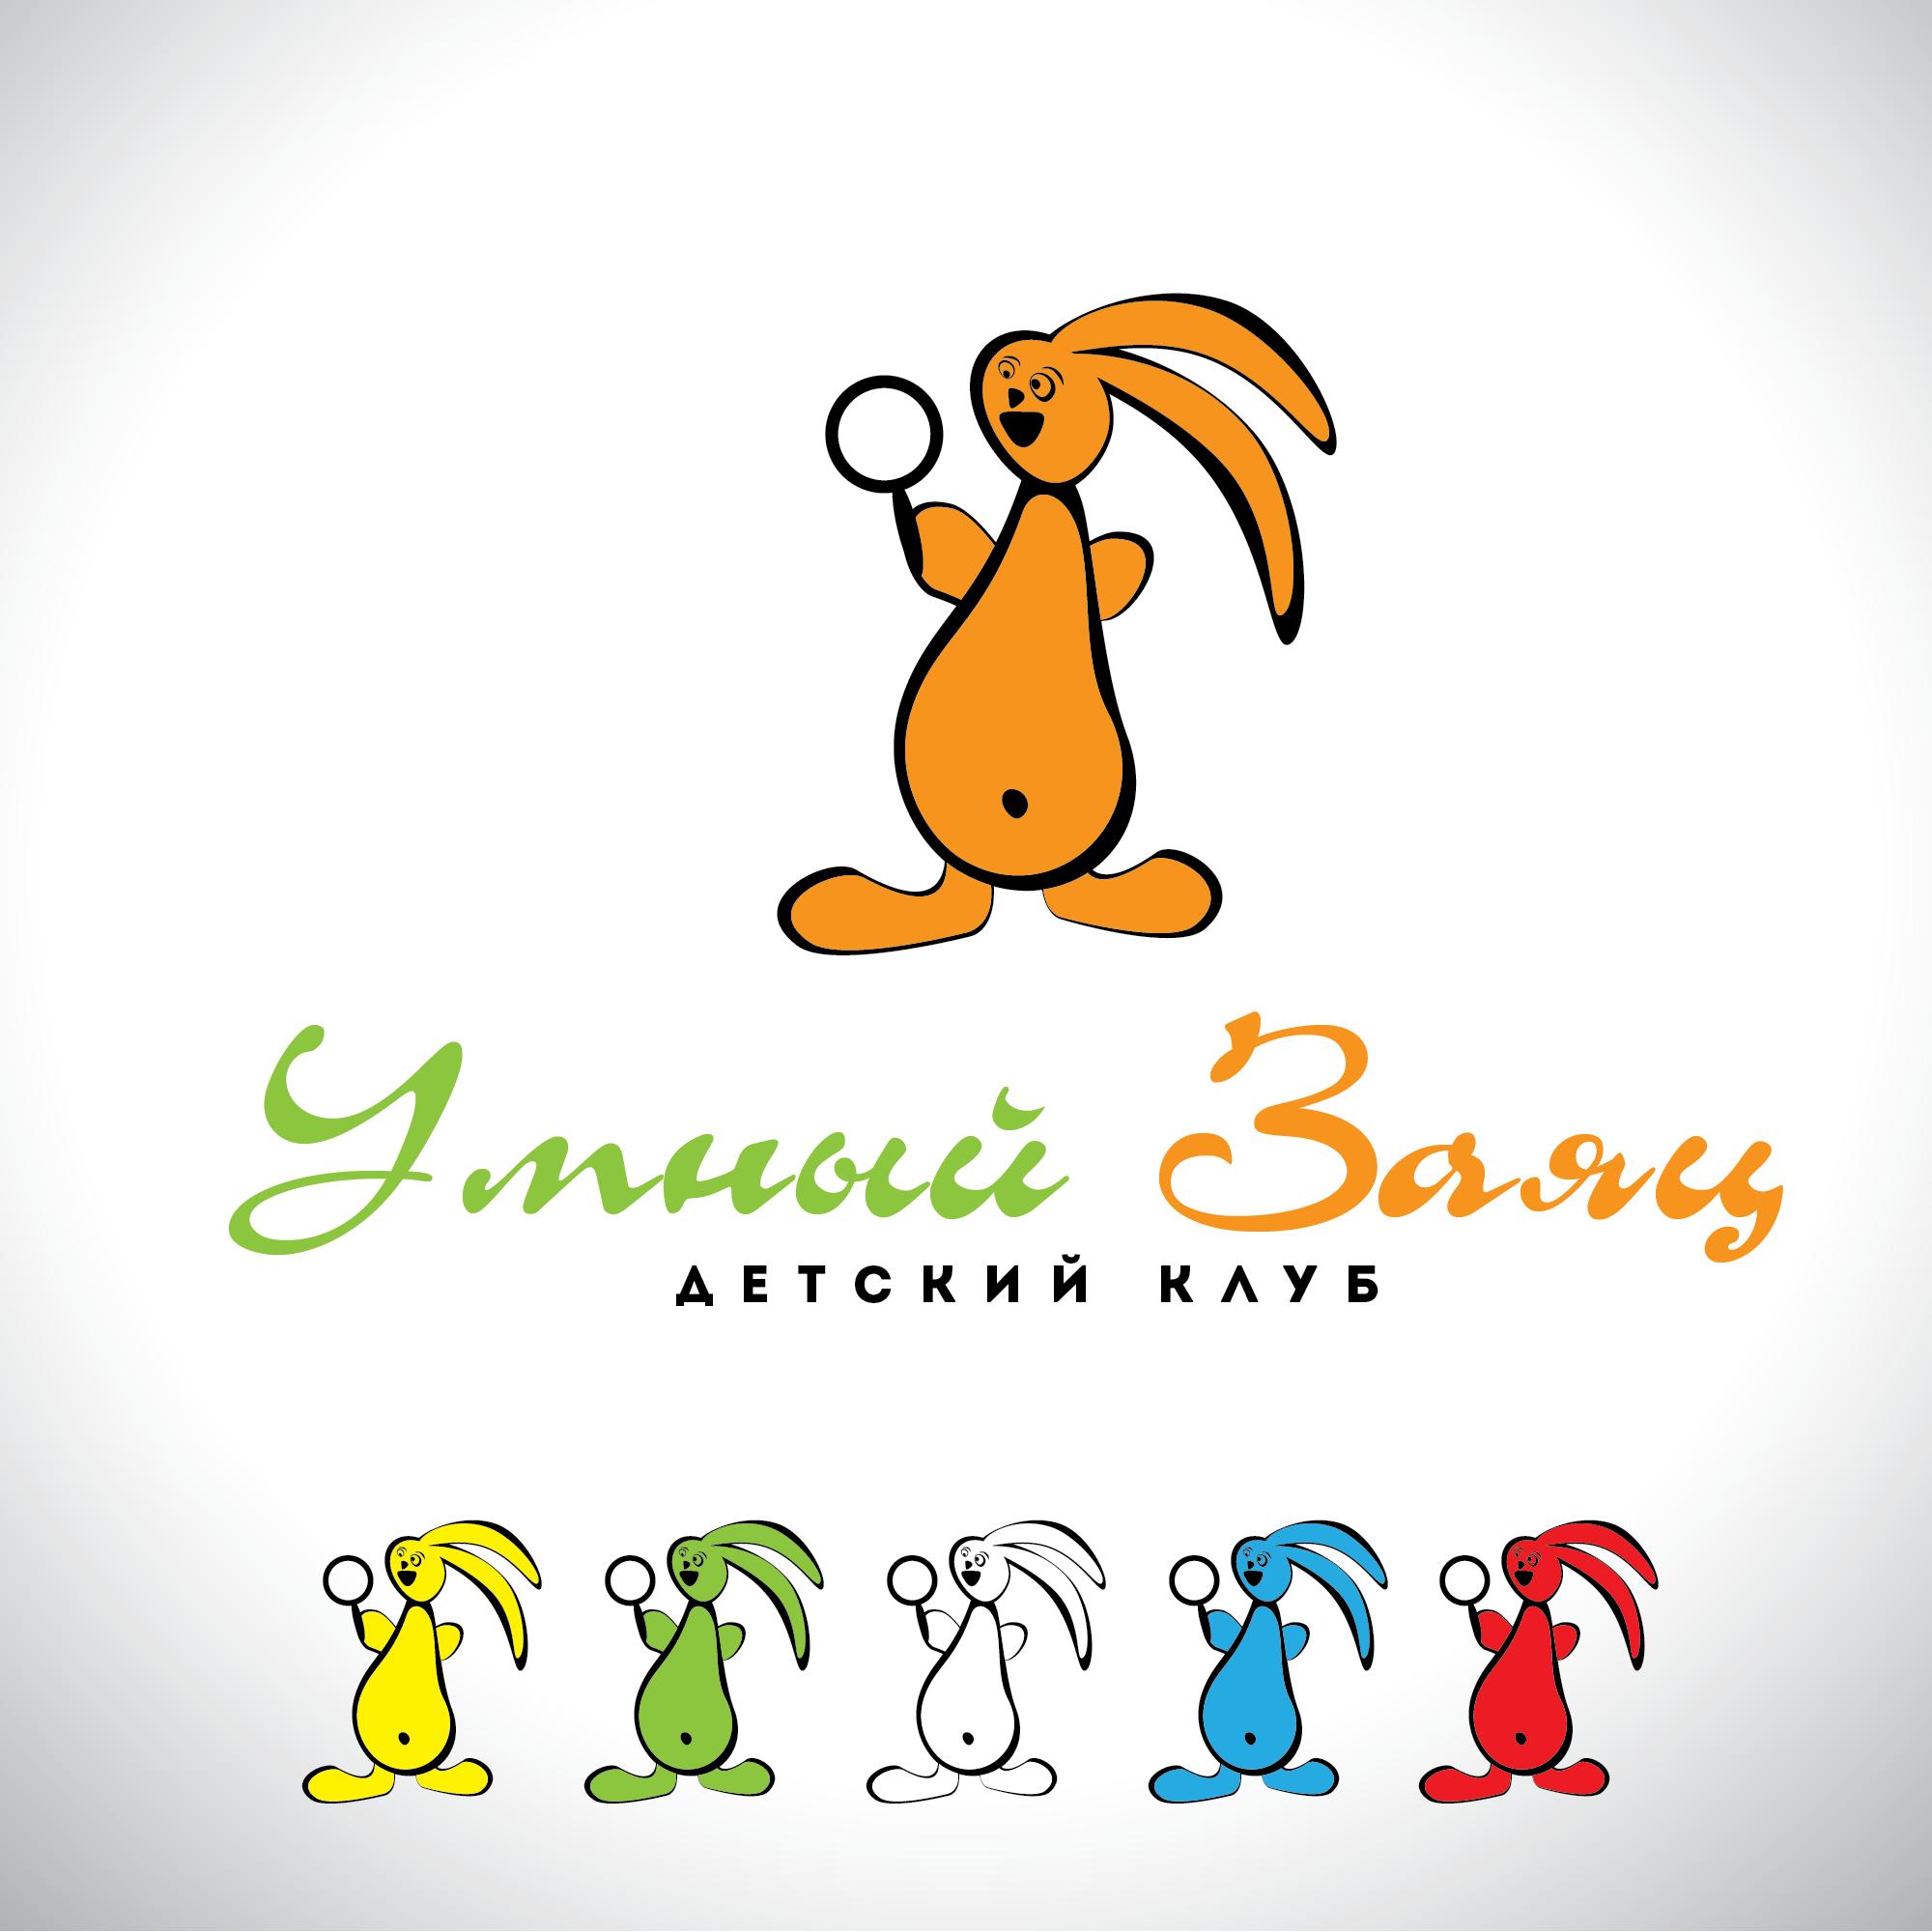 Разработать логотип и фирменный стиль детского клуба фото f_22555589b1d17a44.png